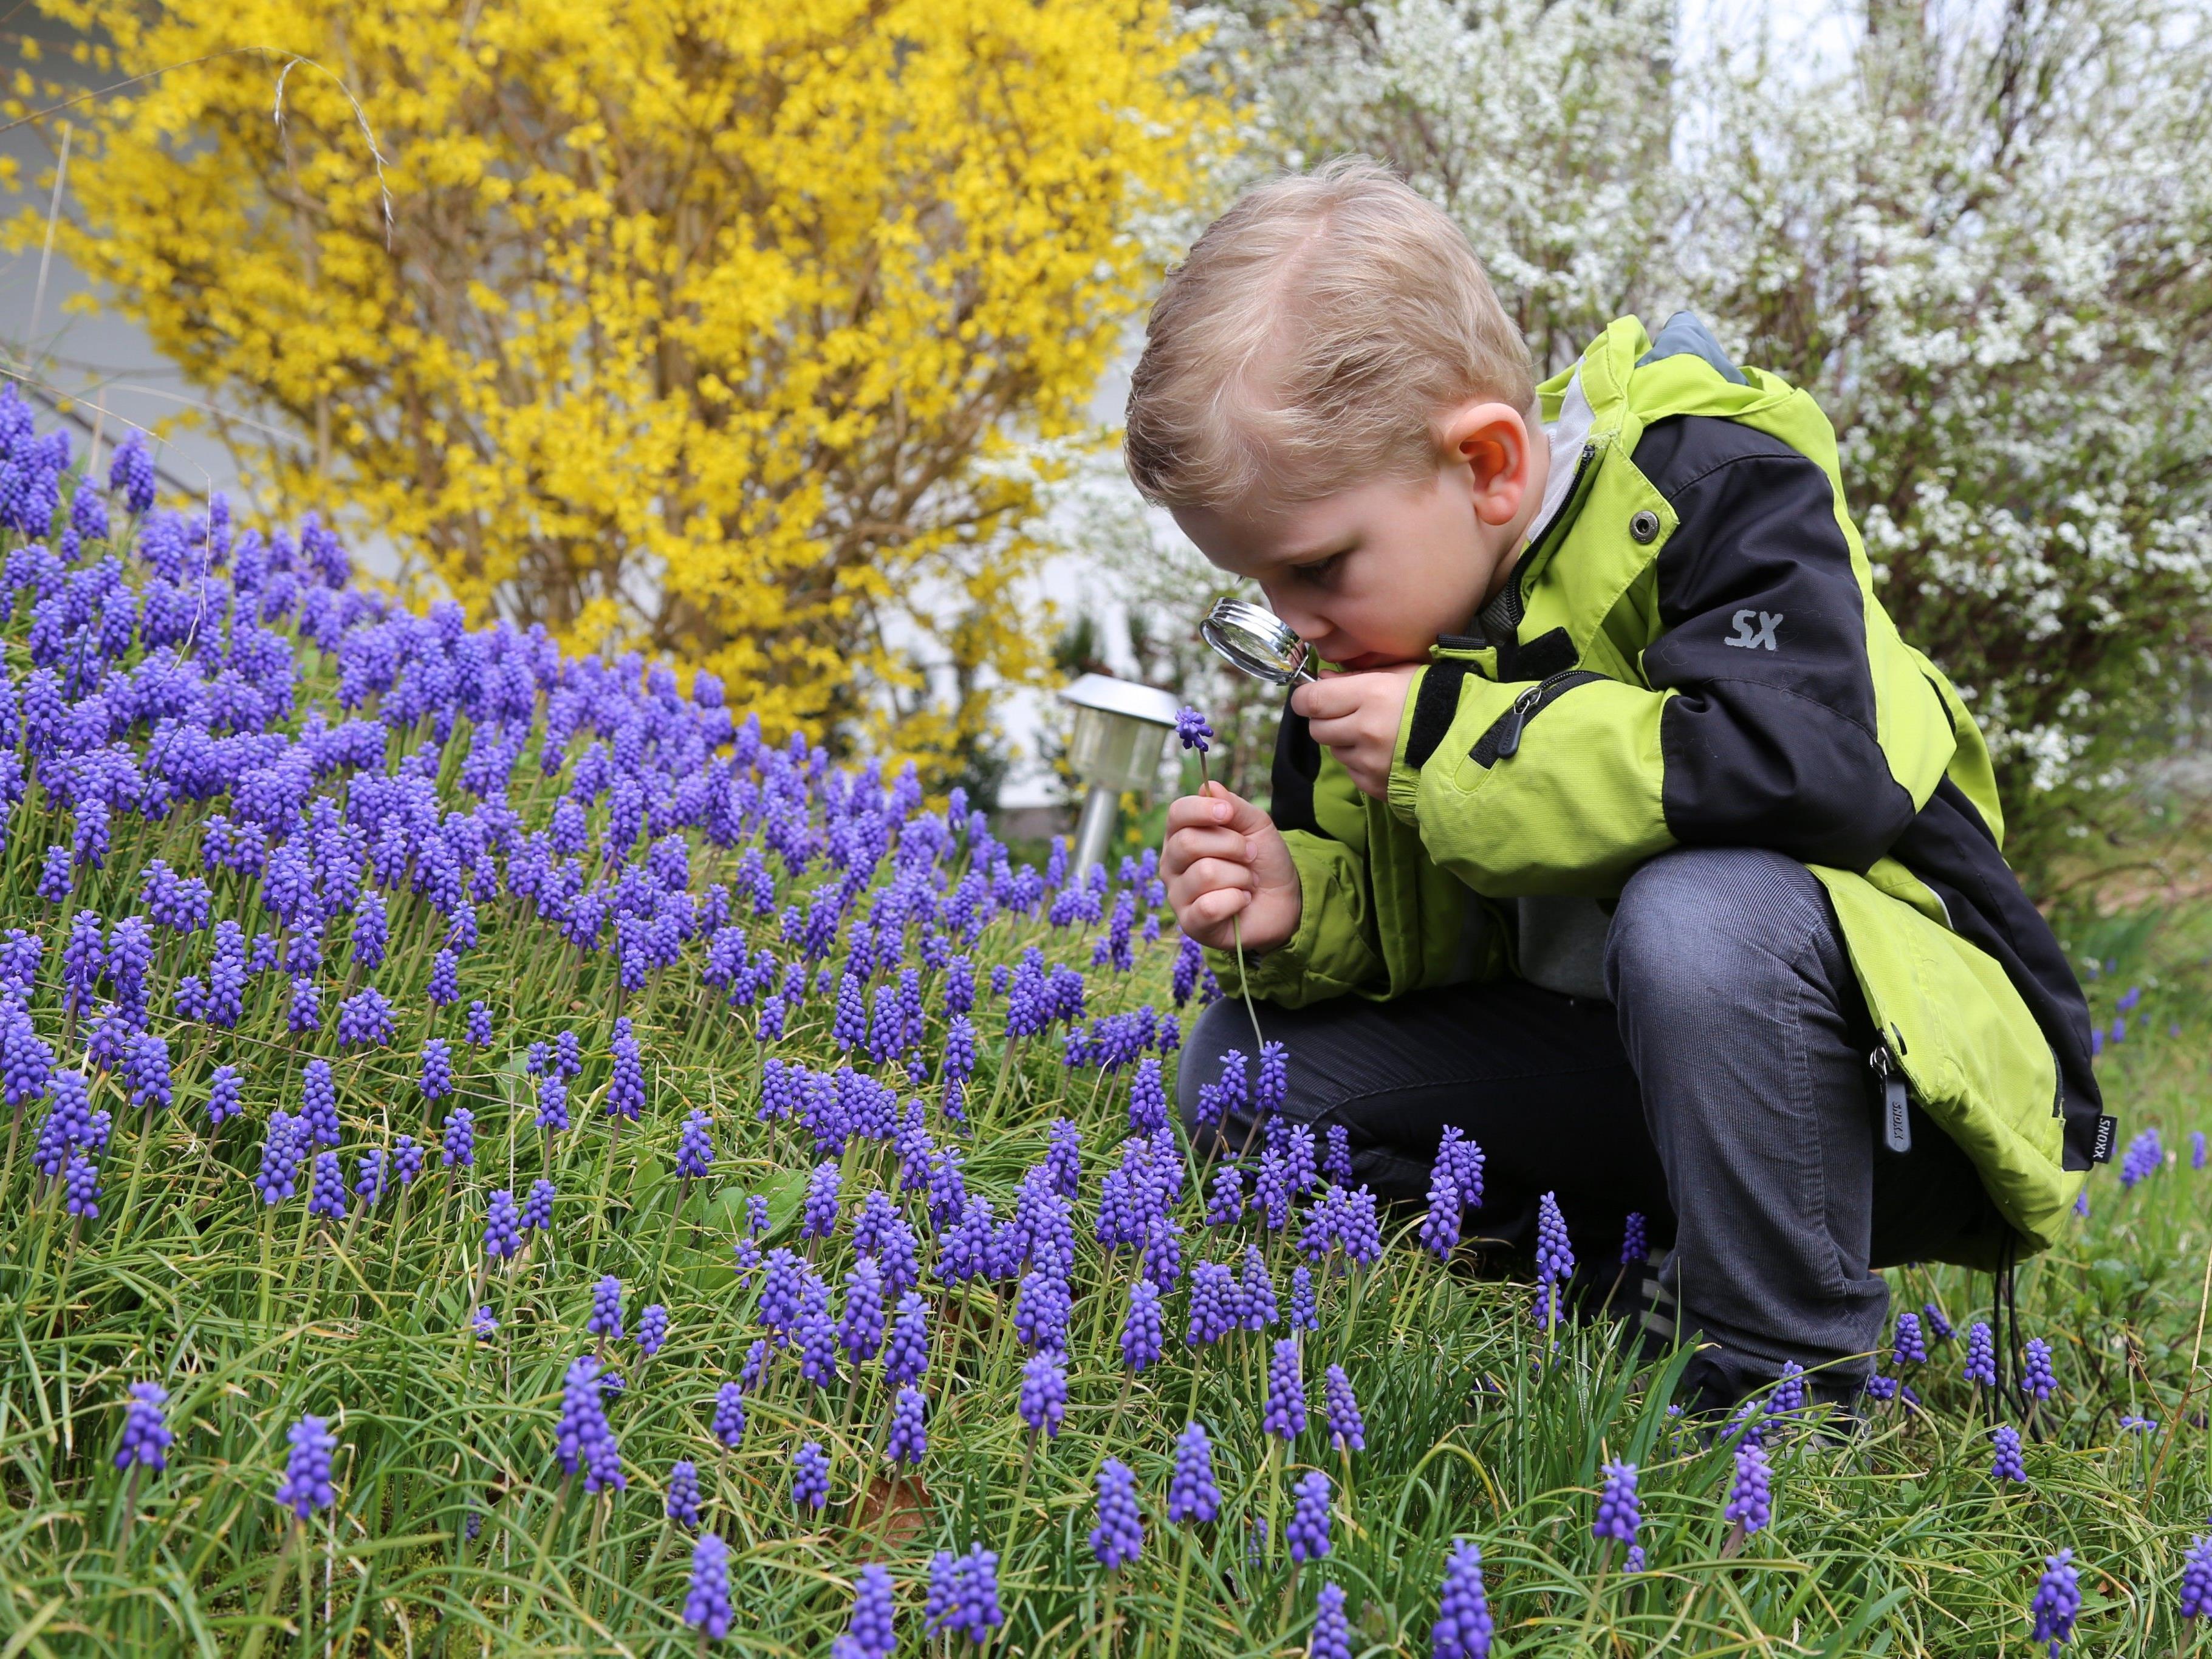 Nachwuchsforscher Jason Durell nimmt die Blumenwiese unter die Lupe.